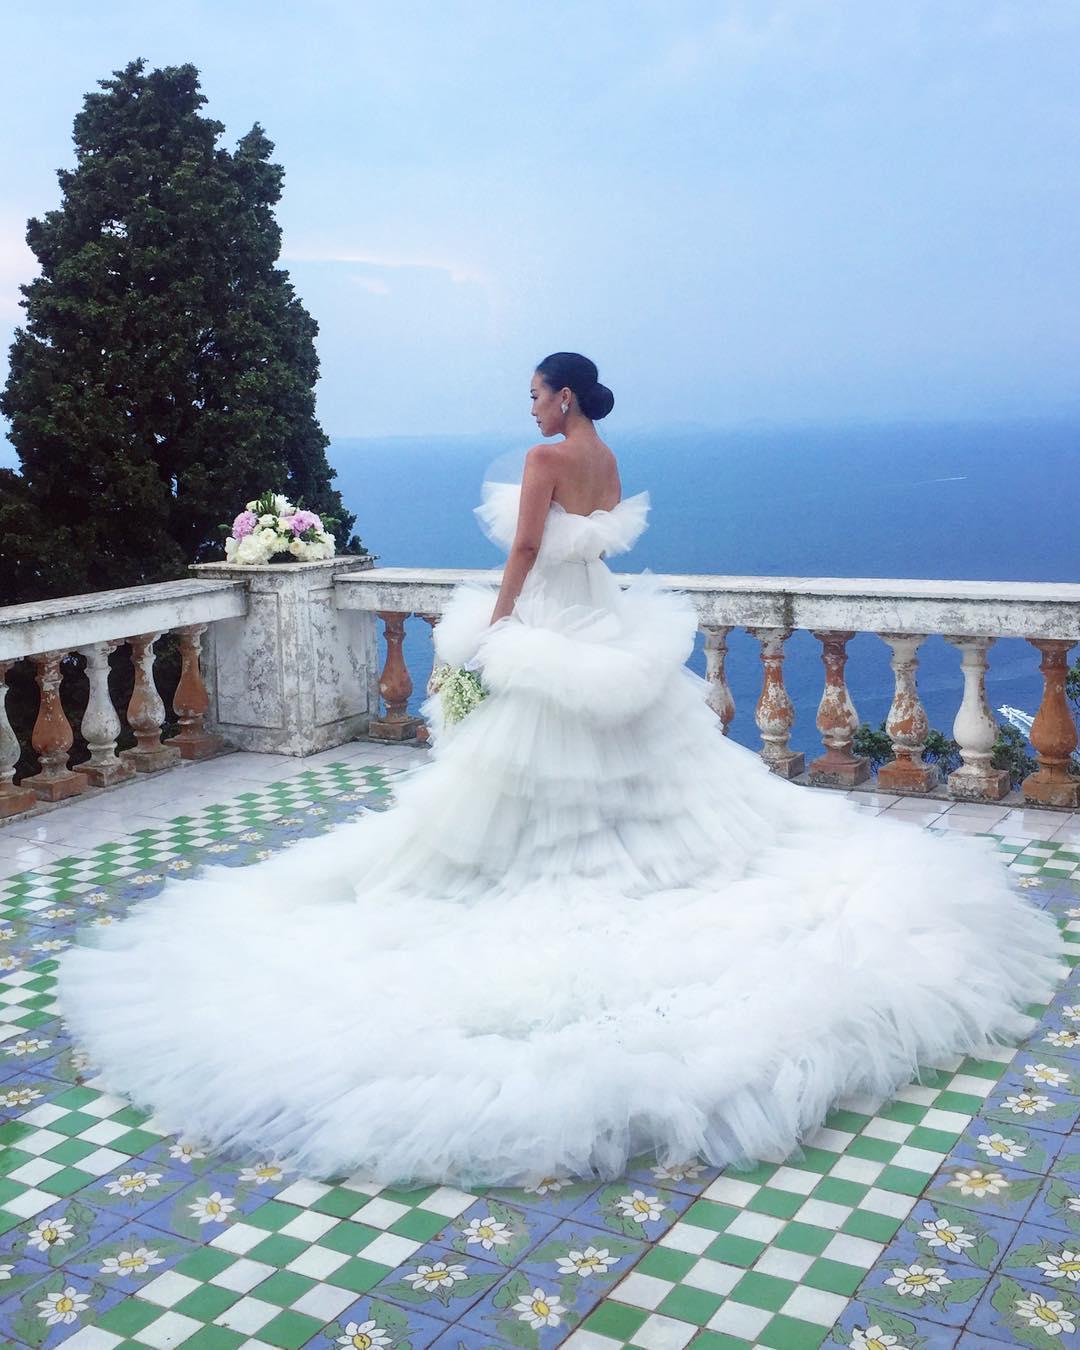 over the top weddings19227519_765483176964704_4051450497222049792_n.jpg